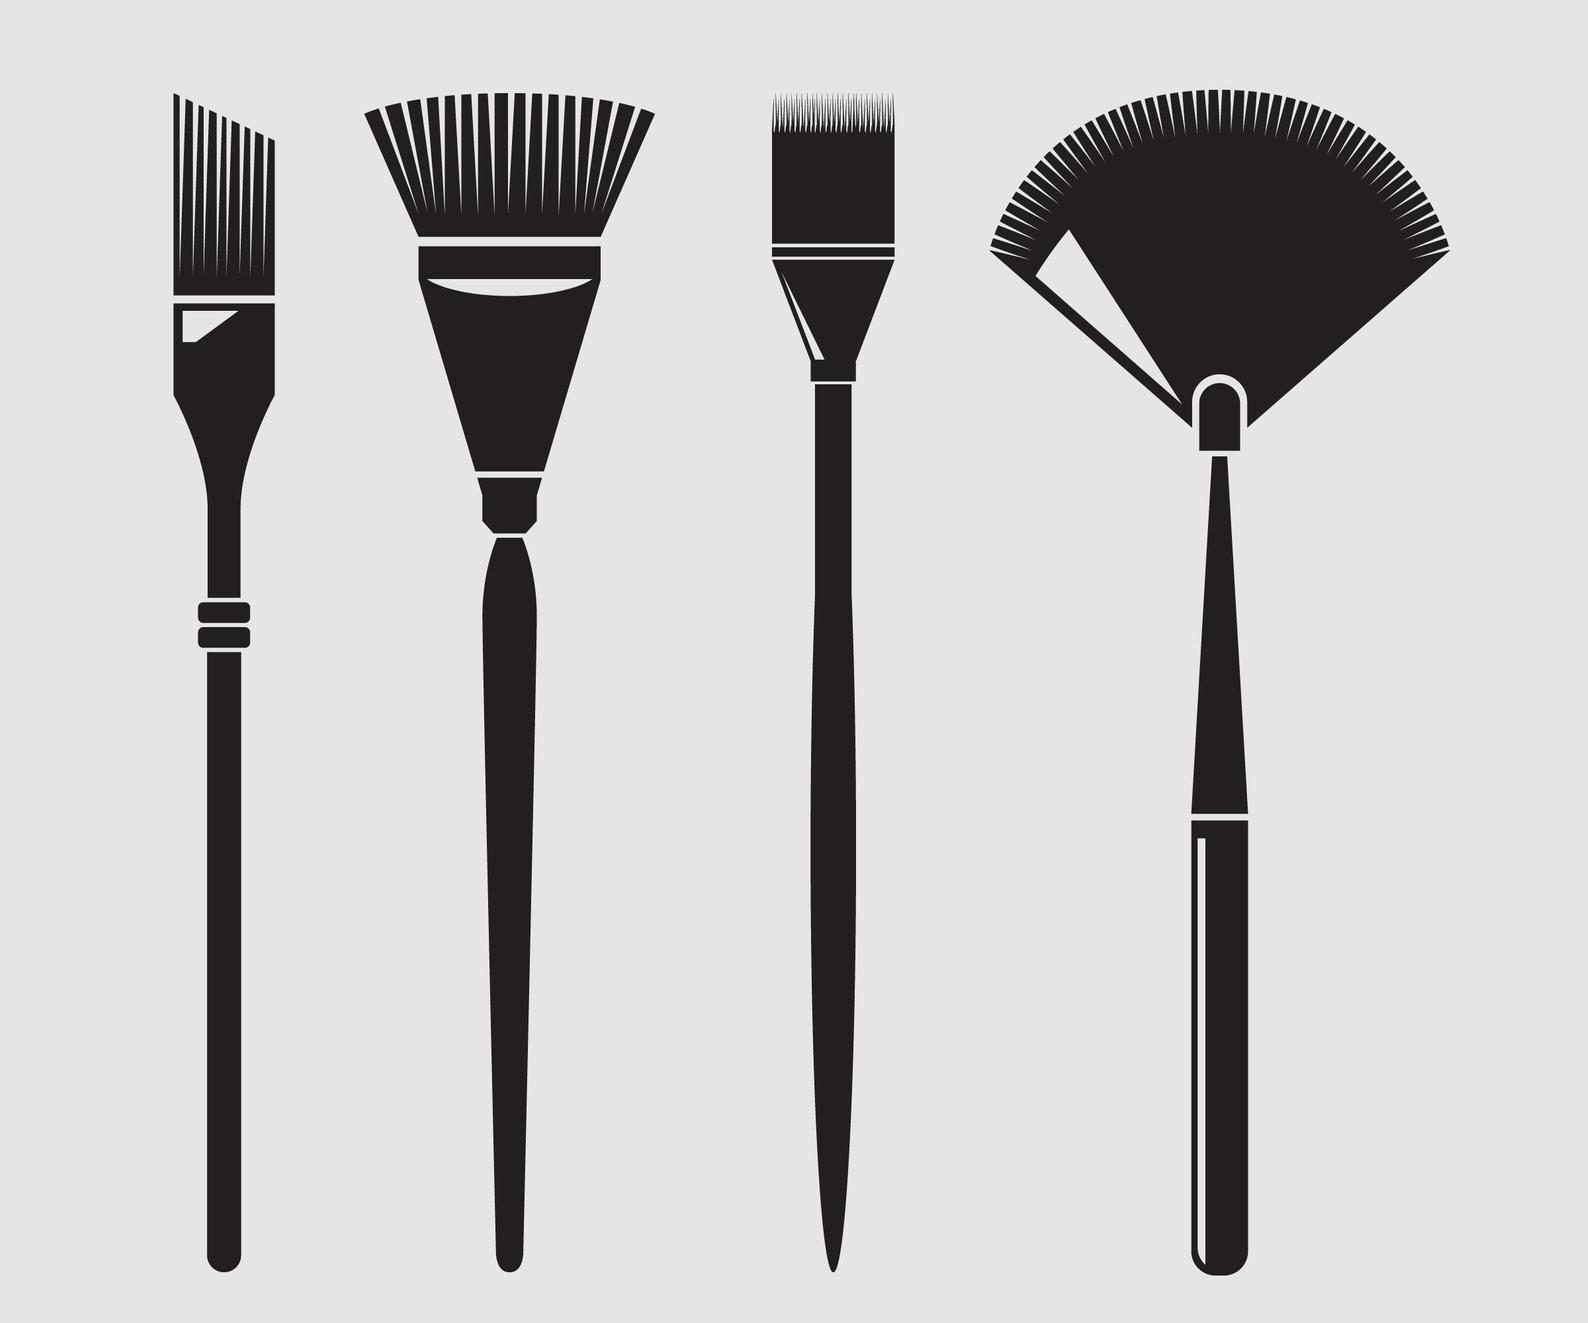 Paint Brush Cosmetic Brush Make Up Brushes Brush Svg Brush Etsy It Cosmetics Brushes Makeup Brushes Paint Brushes